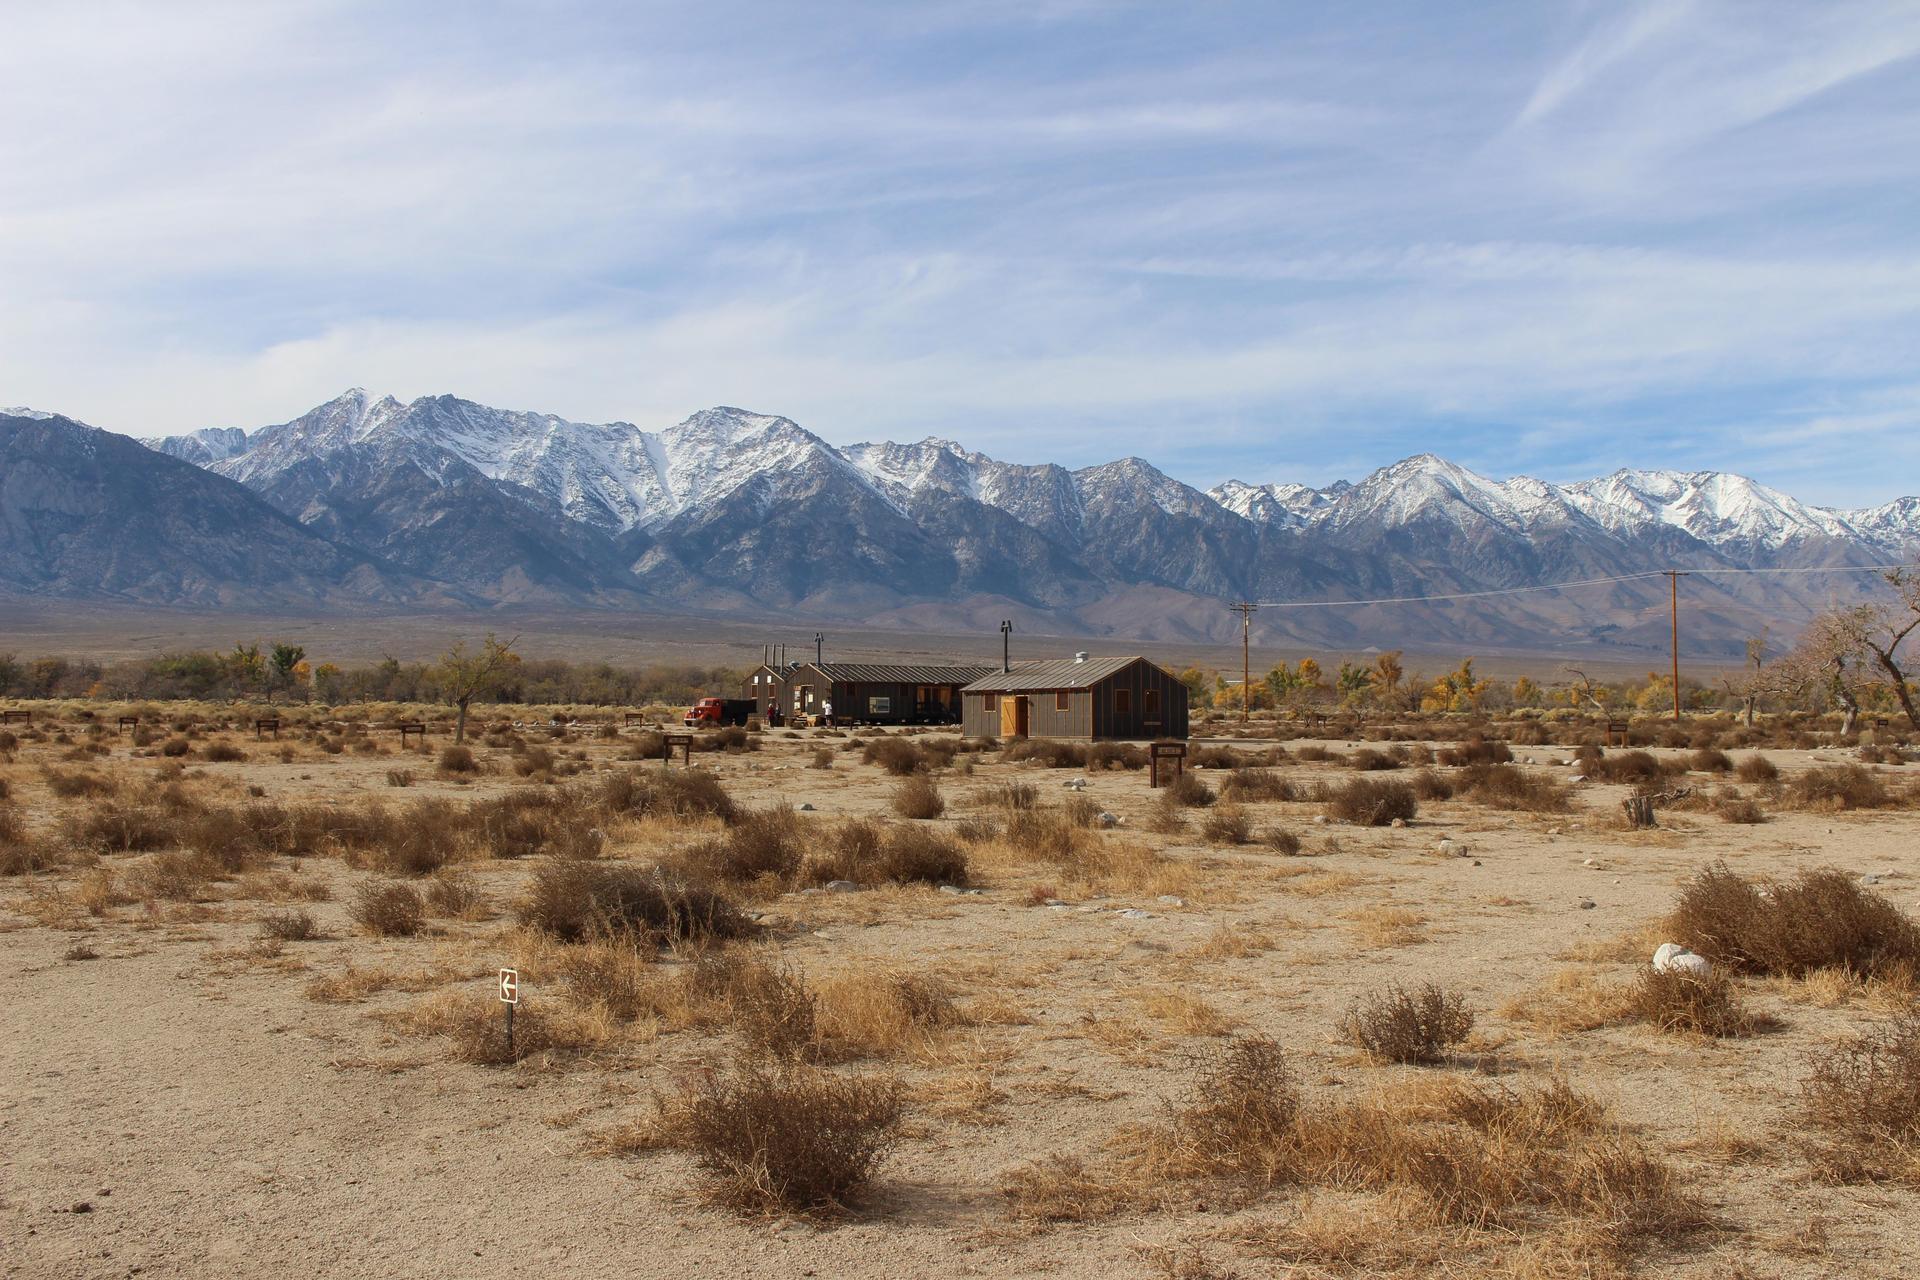 The Sierra Nevadas from Manzanar